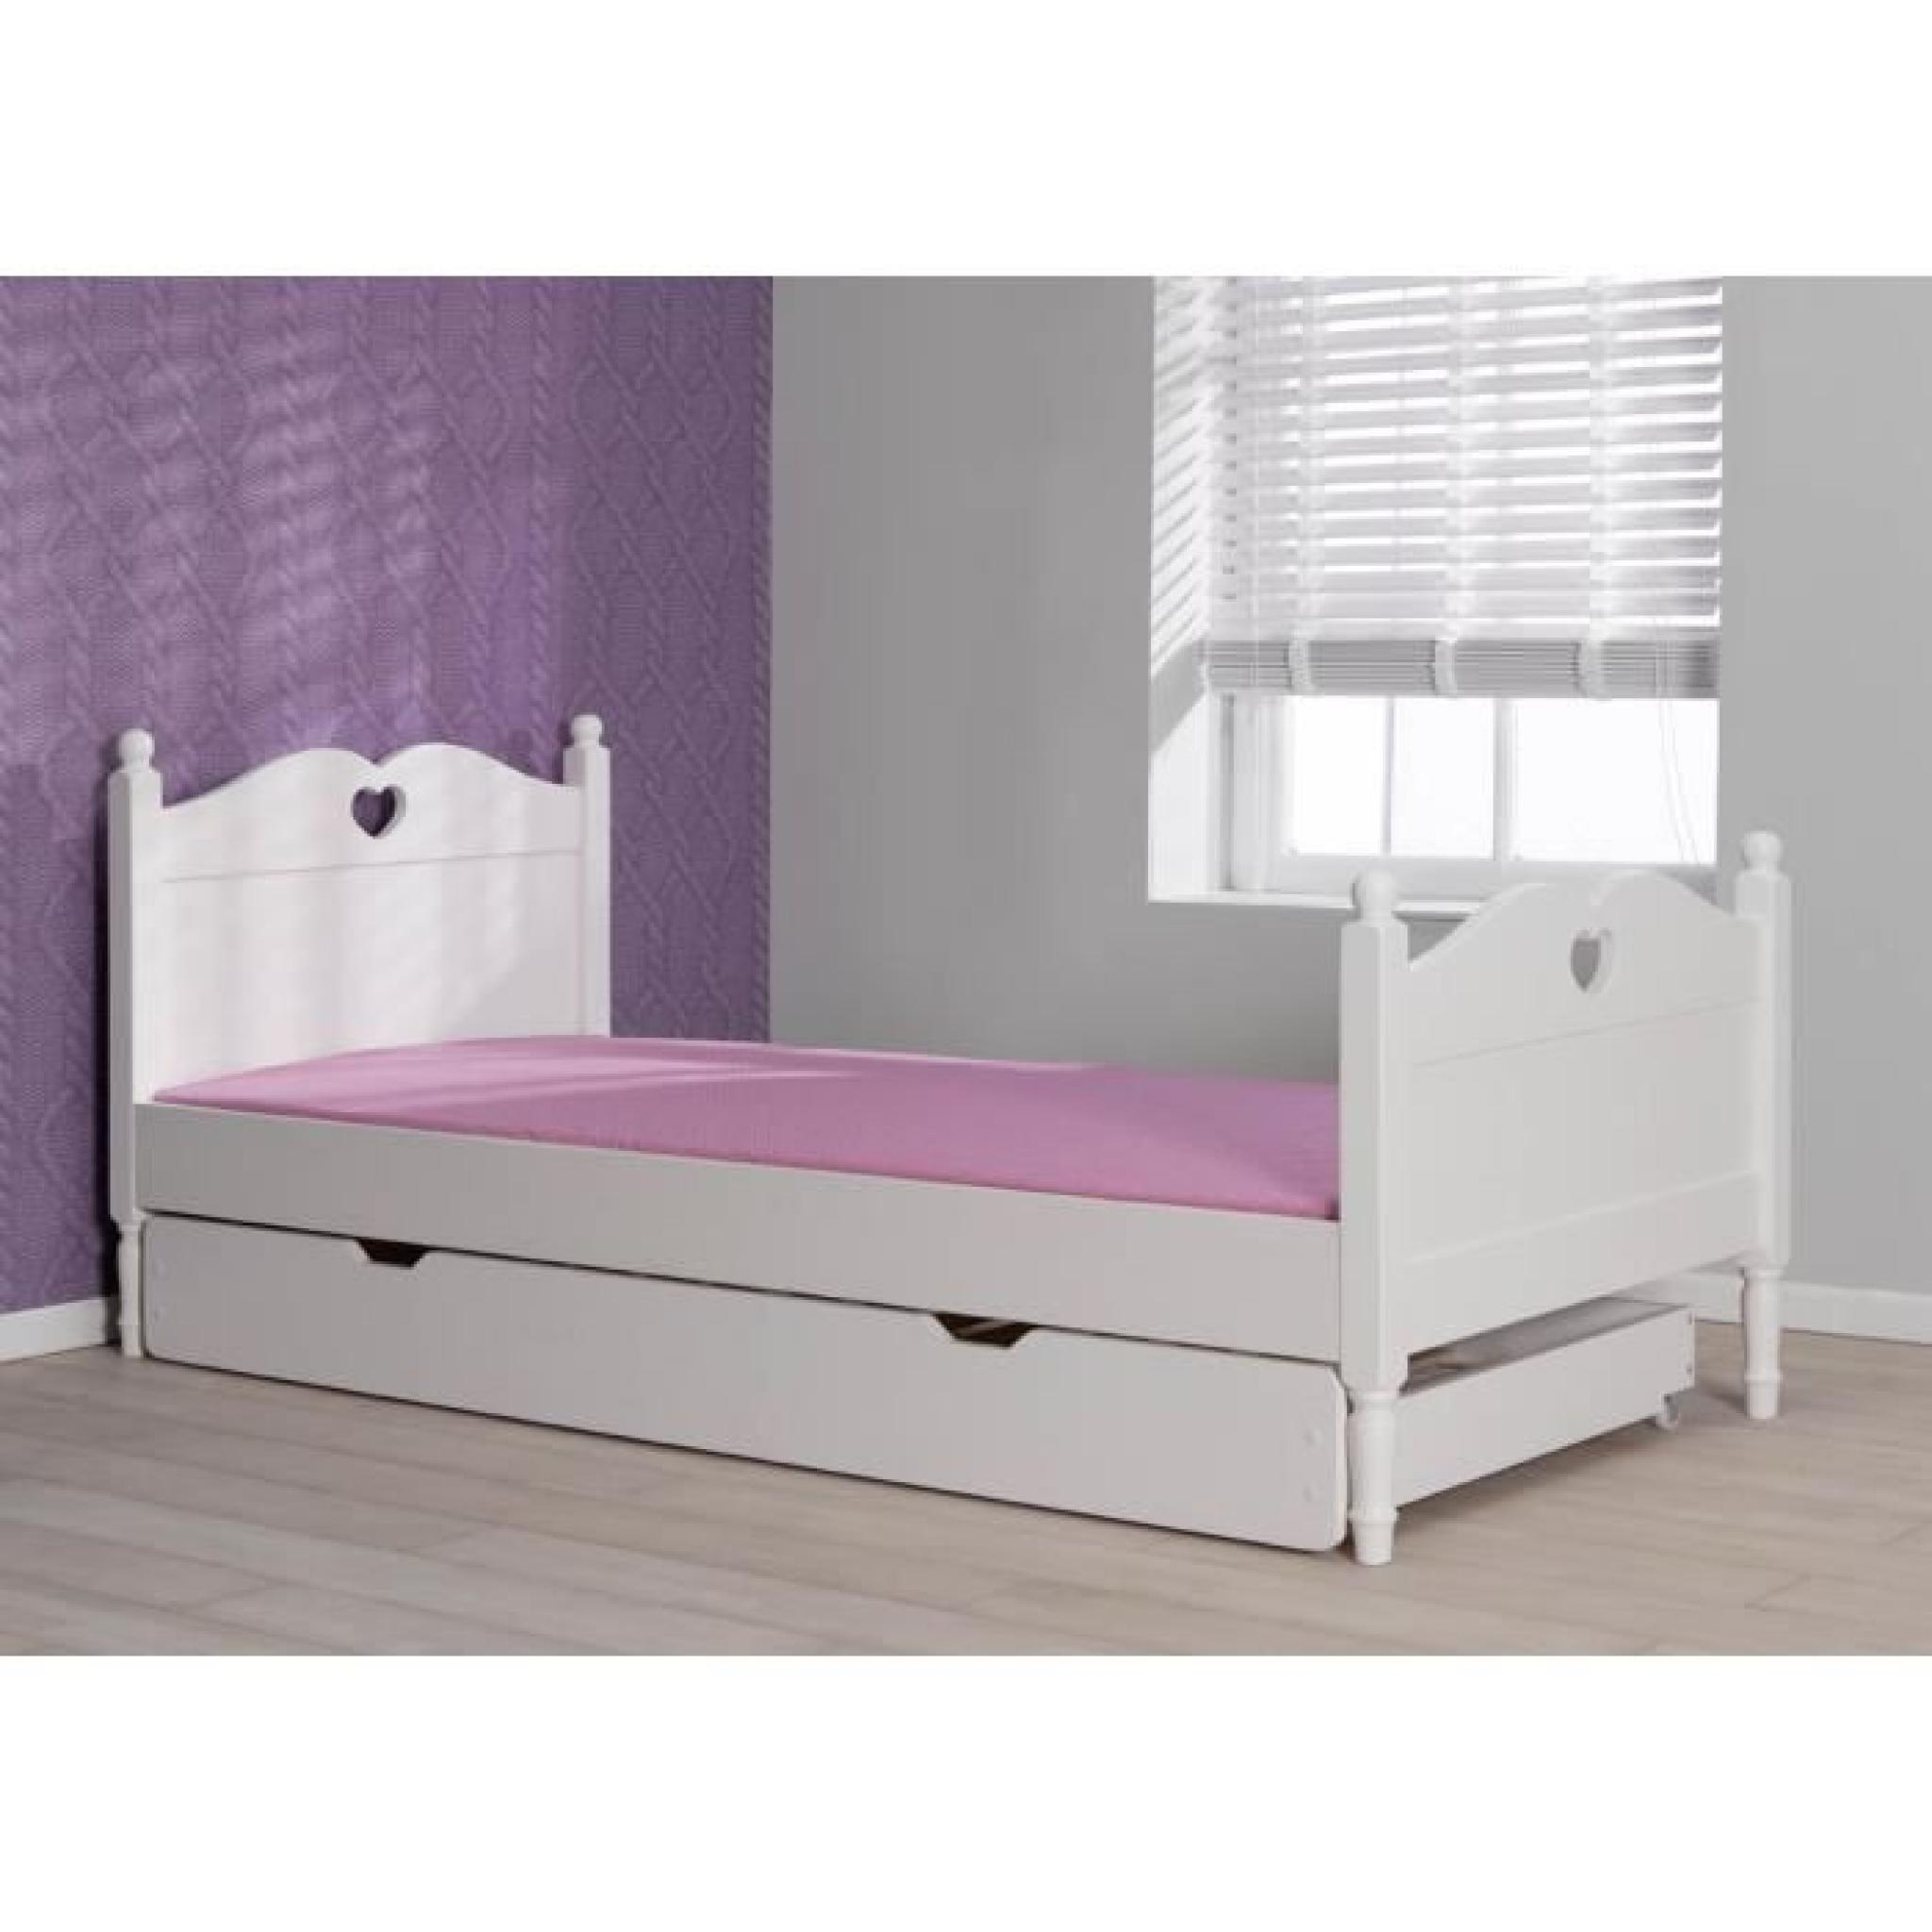 lit enfant avec tiroirlit 90x200 coloris blanc  achat